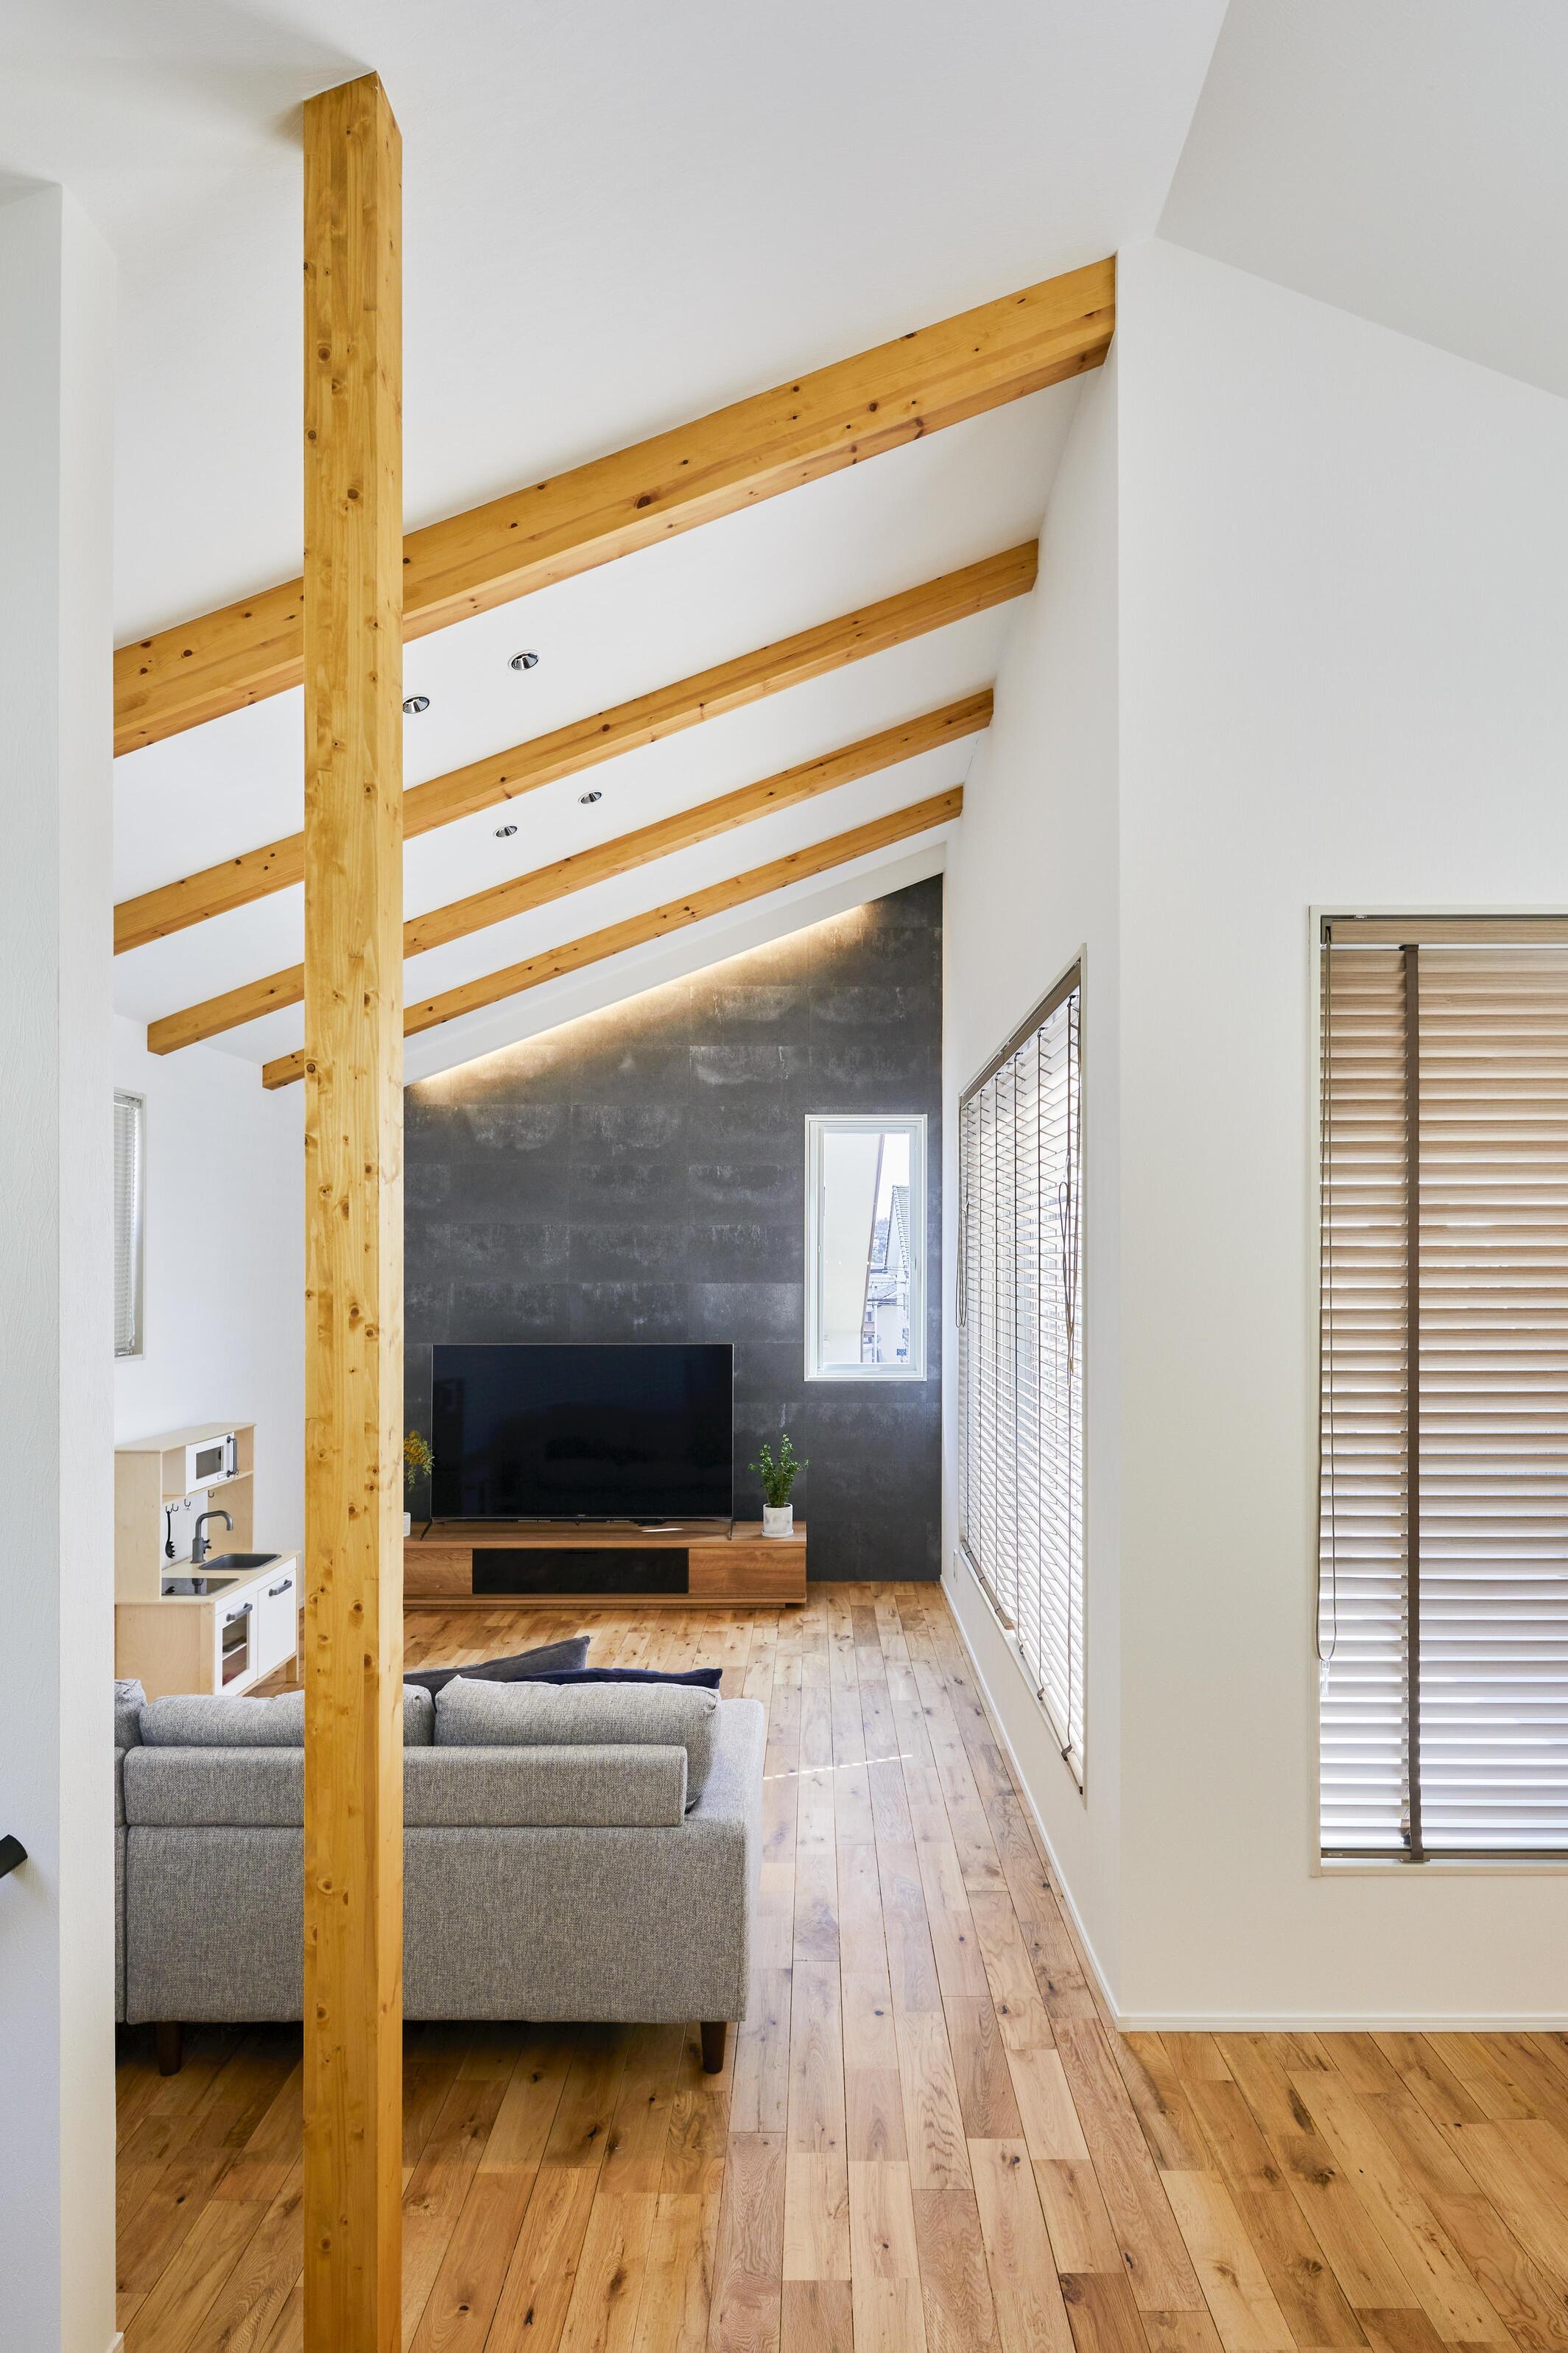 勾配天井と見せ梁を利用して開放感のあるリビングスペース